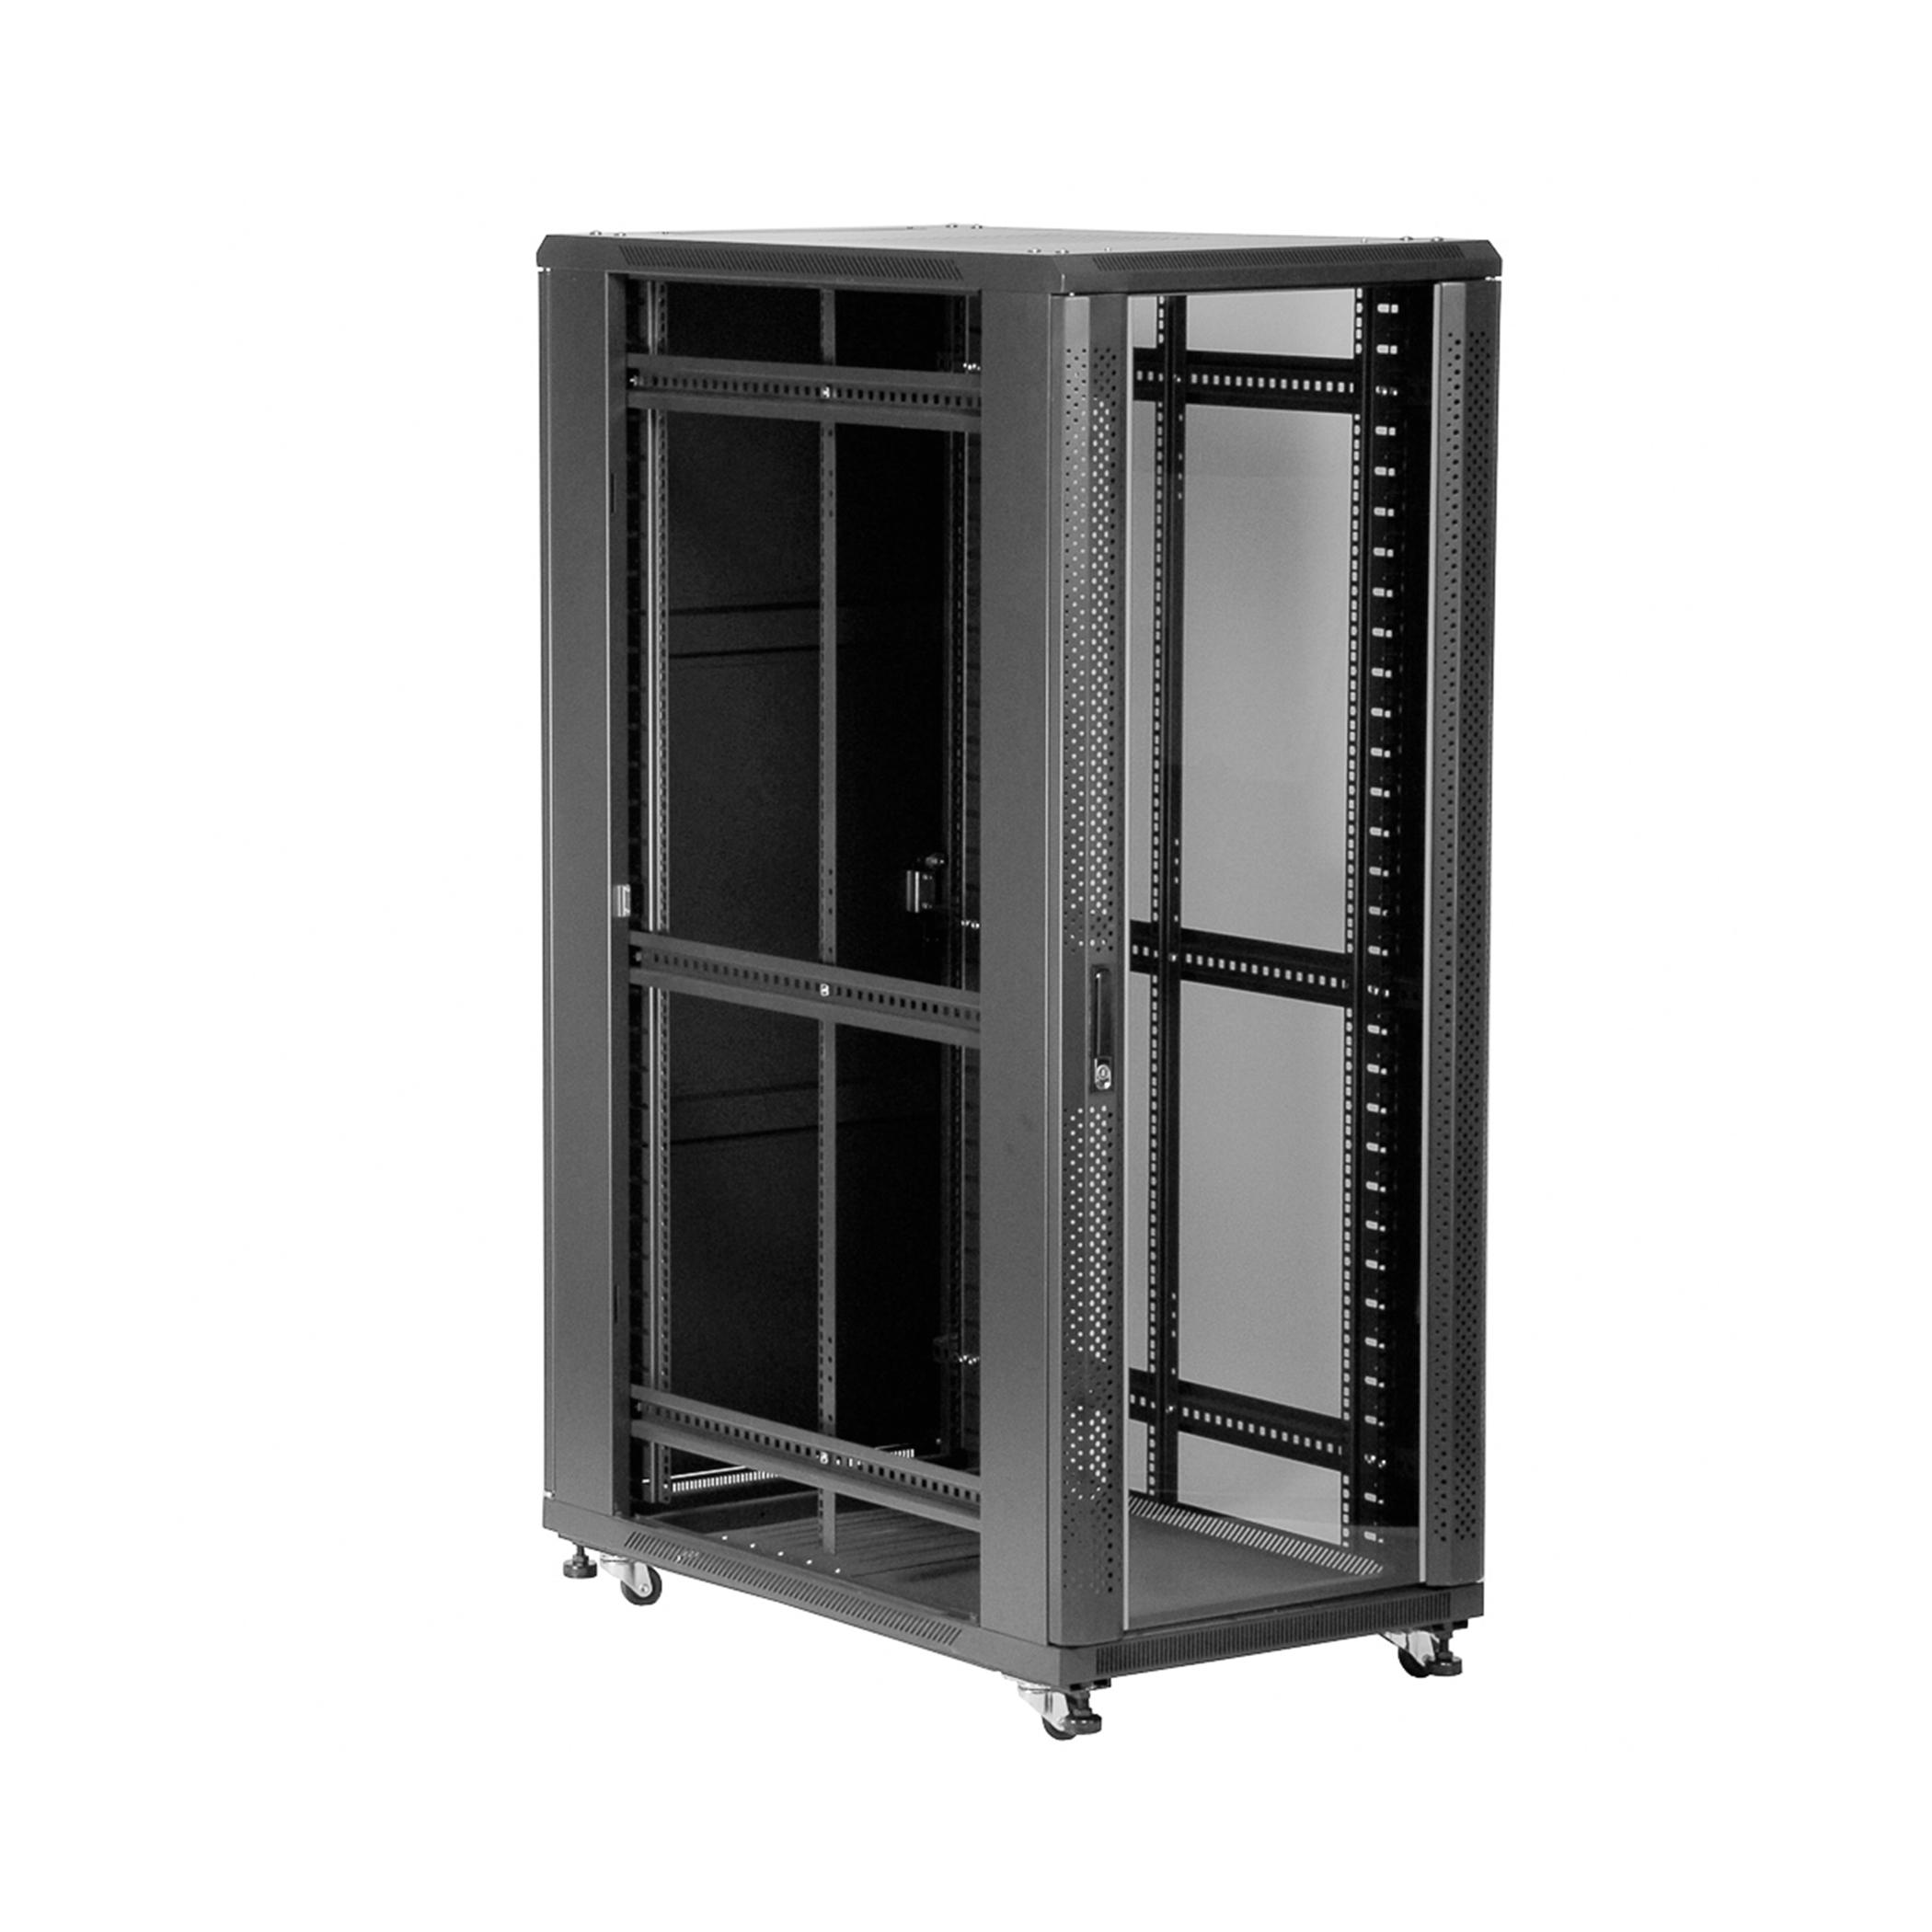 rack server case datacel d w uk cabinets datacentre cabinet solutions x shop